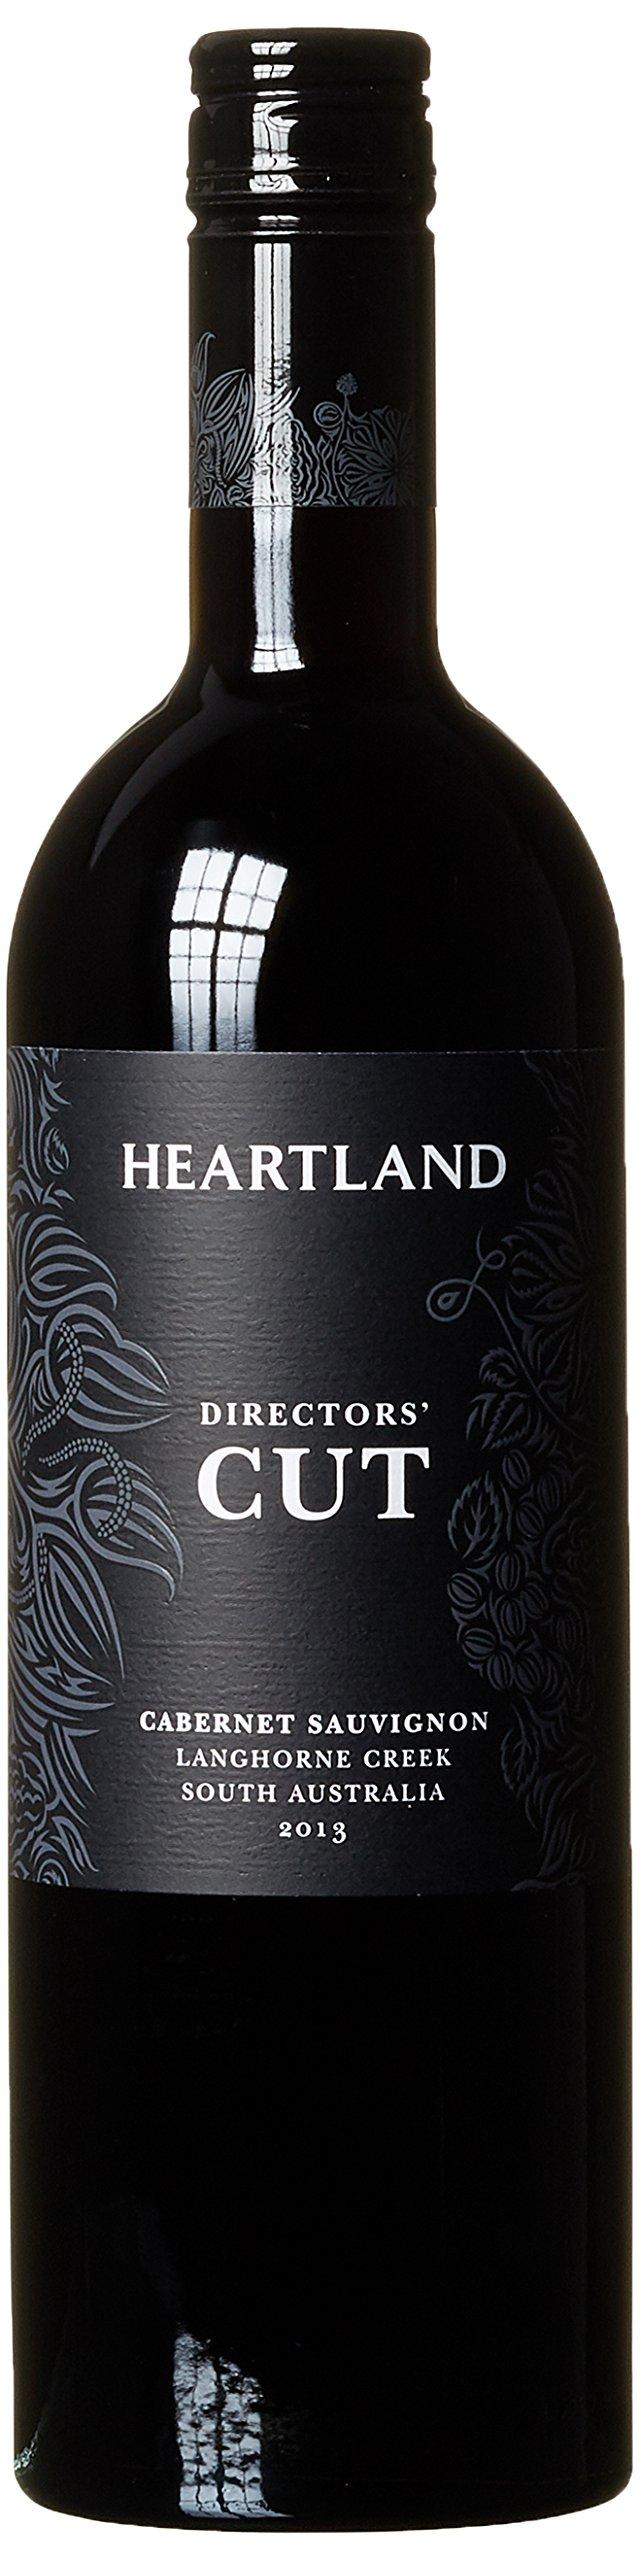 Heartland-Wines-0-Cabernet-Sauvignon-2013-trocken-1-x-075-l